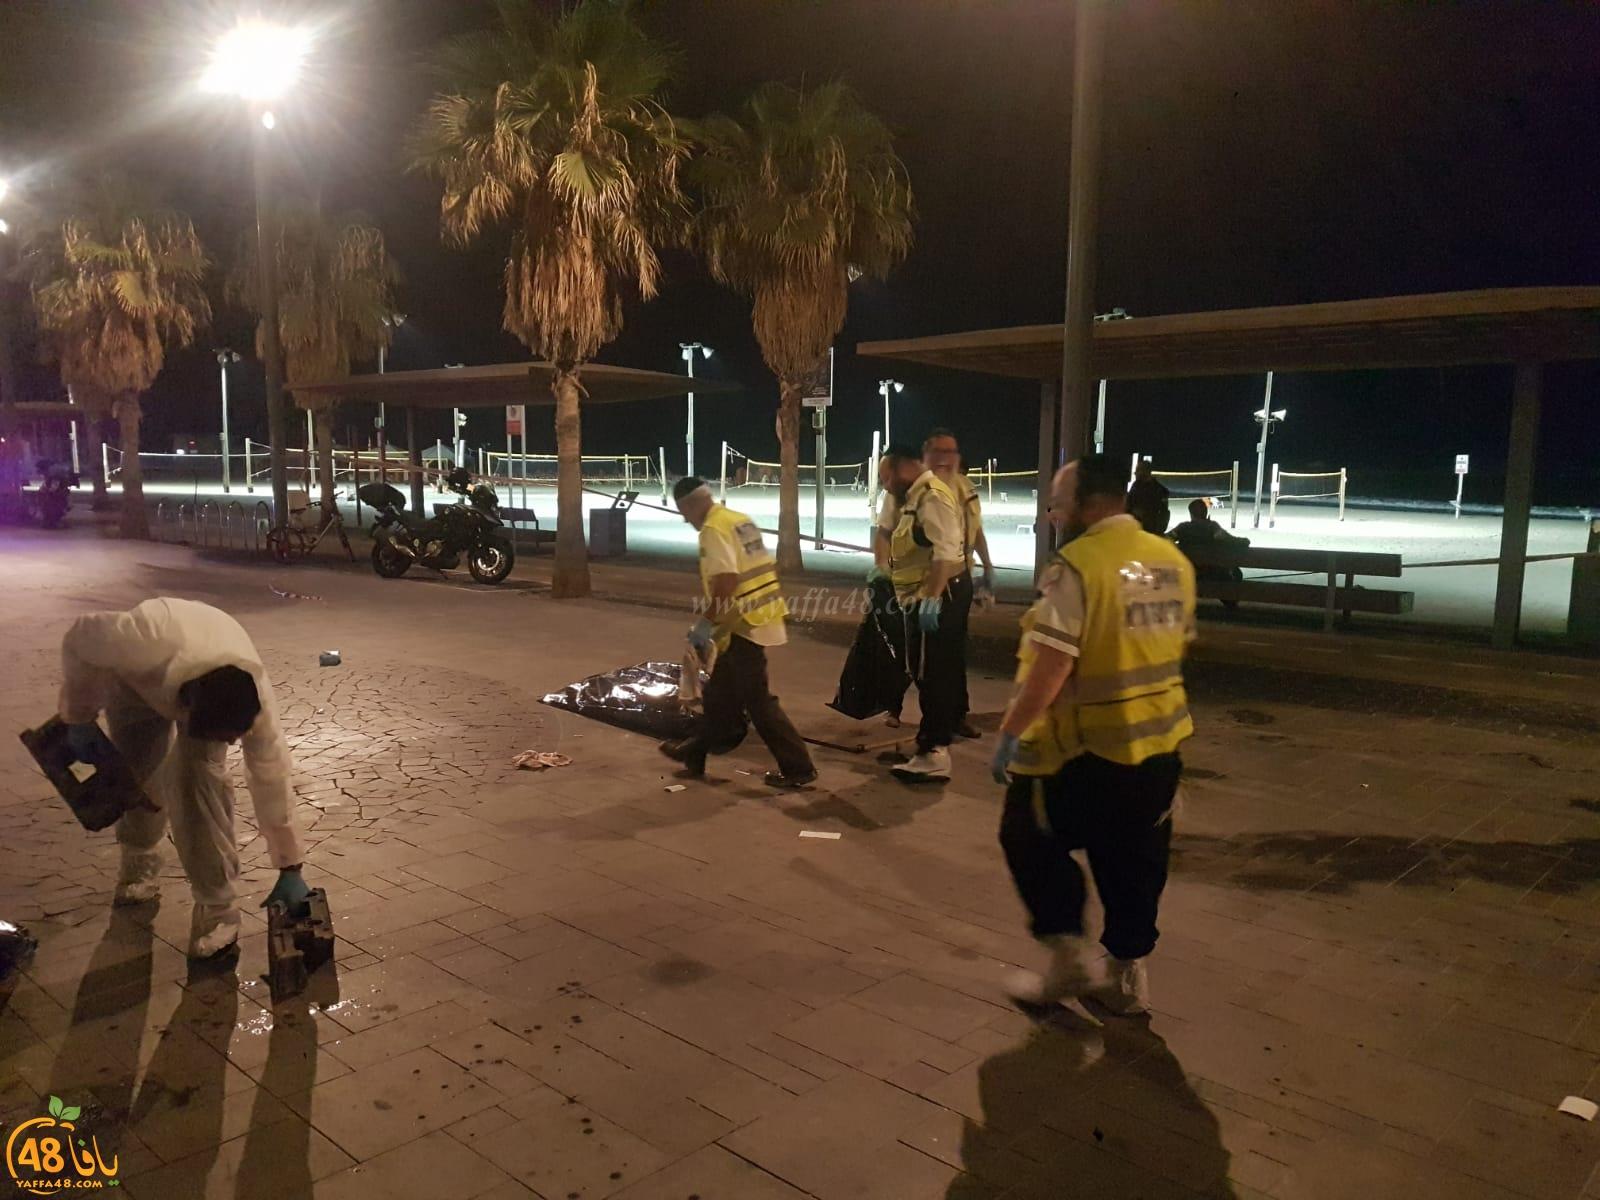 فيديو: مصرع شخص سقط عن علو قرب شاطئ البحر شمال يافا